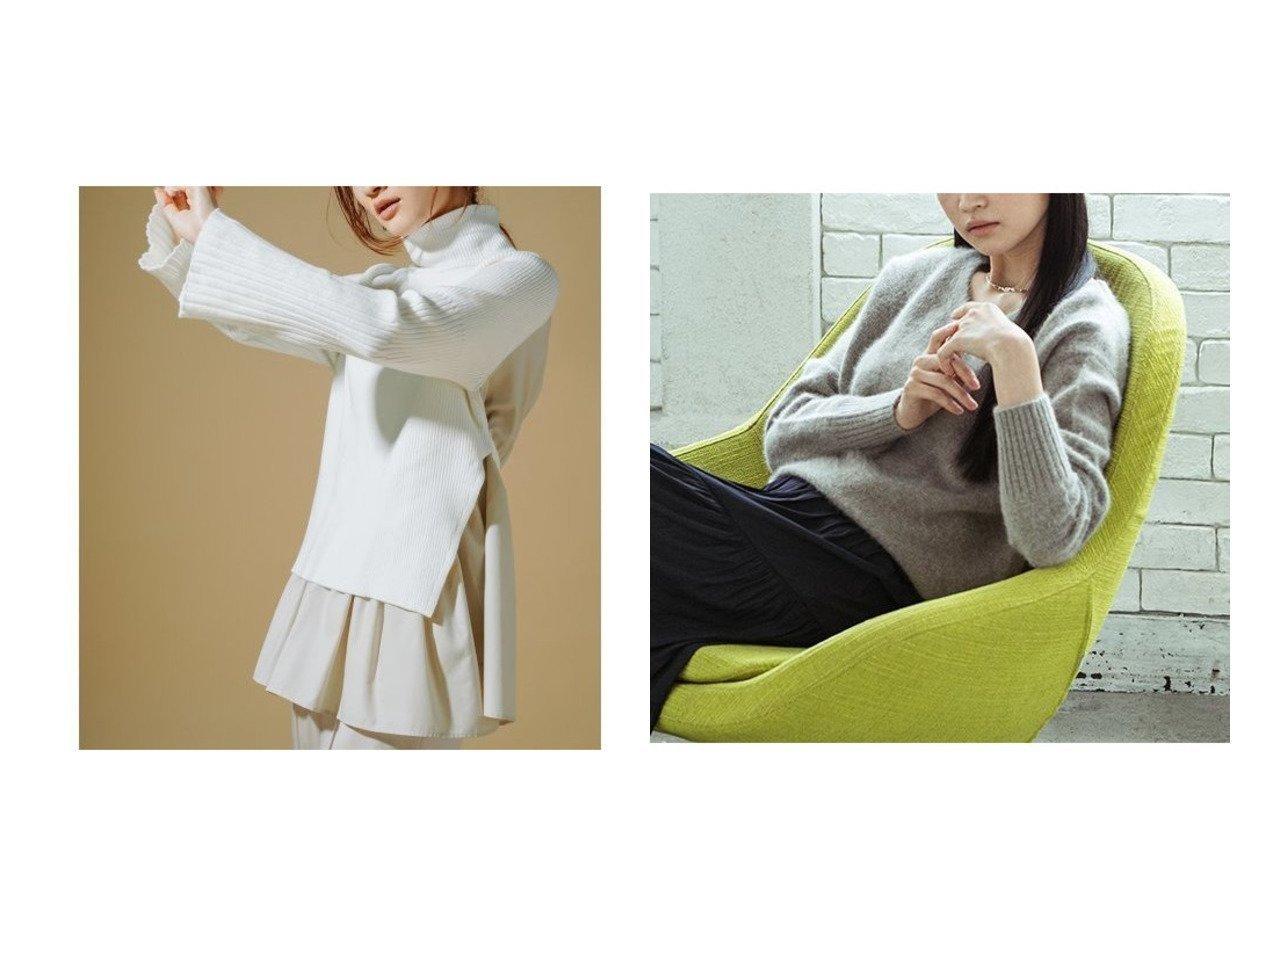 【LAUTRE AMONT/ロートレ アモン】のふんわりVネックニット《手洗い可能》&【CELFORD/セルフォード】のレイヤードニットプルオーバー トップス・カットソーのおすすめ!人気、レディースファッションの通販 おすすめで人気のファッション通販商品 インテリア・家具・キッズファッション・メンズファッション・レディースファッション・服の通販 founy(ファニー) https://founy.com/ ファッション Fashion レディース WOMEN トップス Tops Tshirt ニット Knit Tops プルオーバー Pullover Vネック V-Neck アクリル スタイリッシュ ストライプ スマート セーター パターン 無地 冬 Winter ラグジュアリー |ID:crp329100000002019